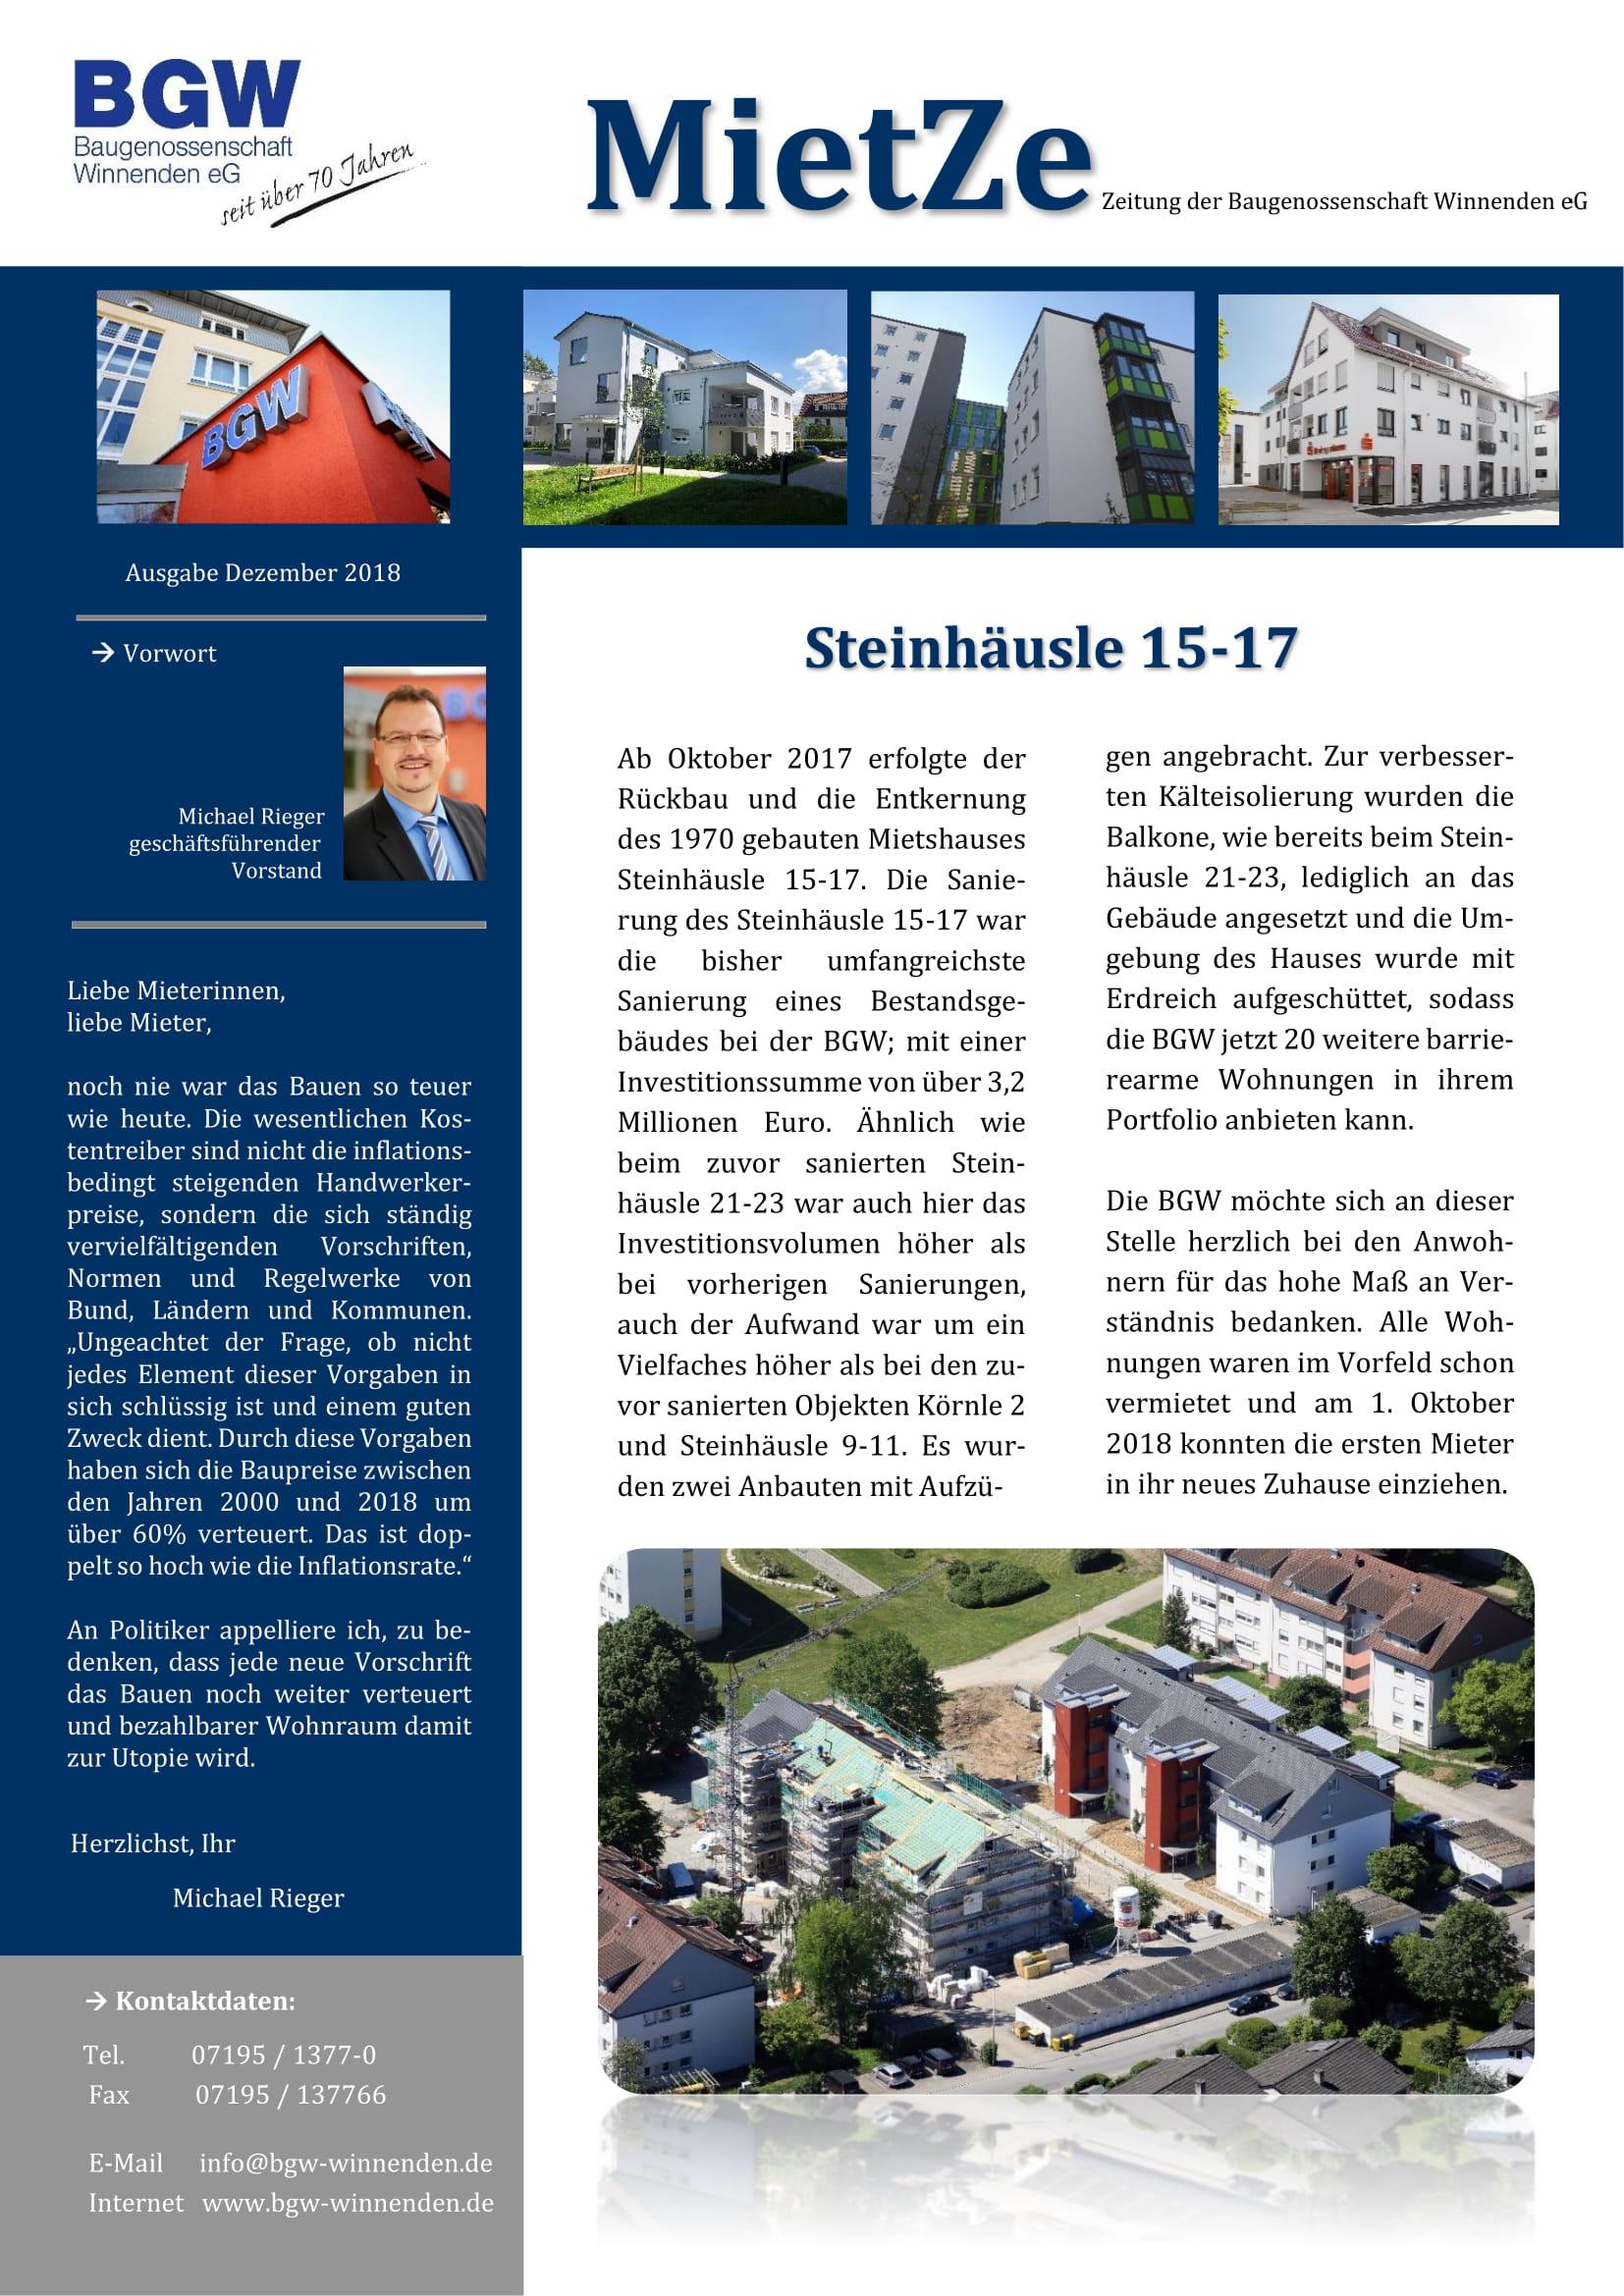 Mietze 2018 1 - Infos